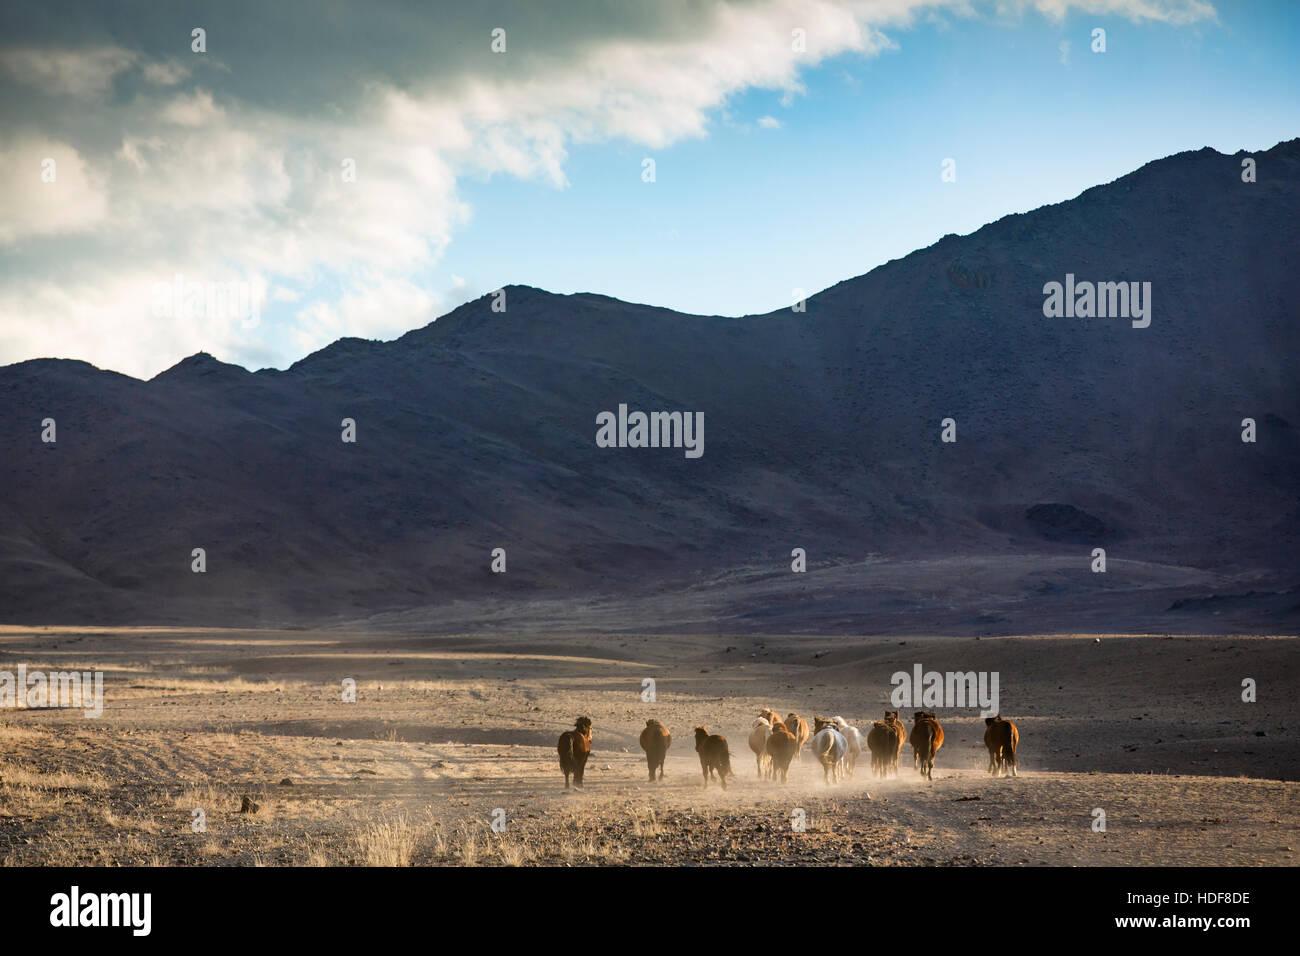 Salvajes caballos mongoles ejecutándose en una estepa Imagen De Stock